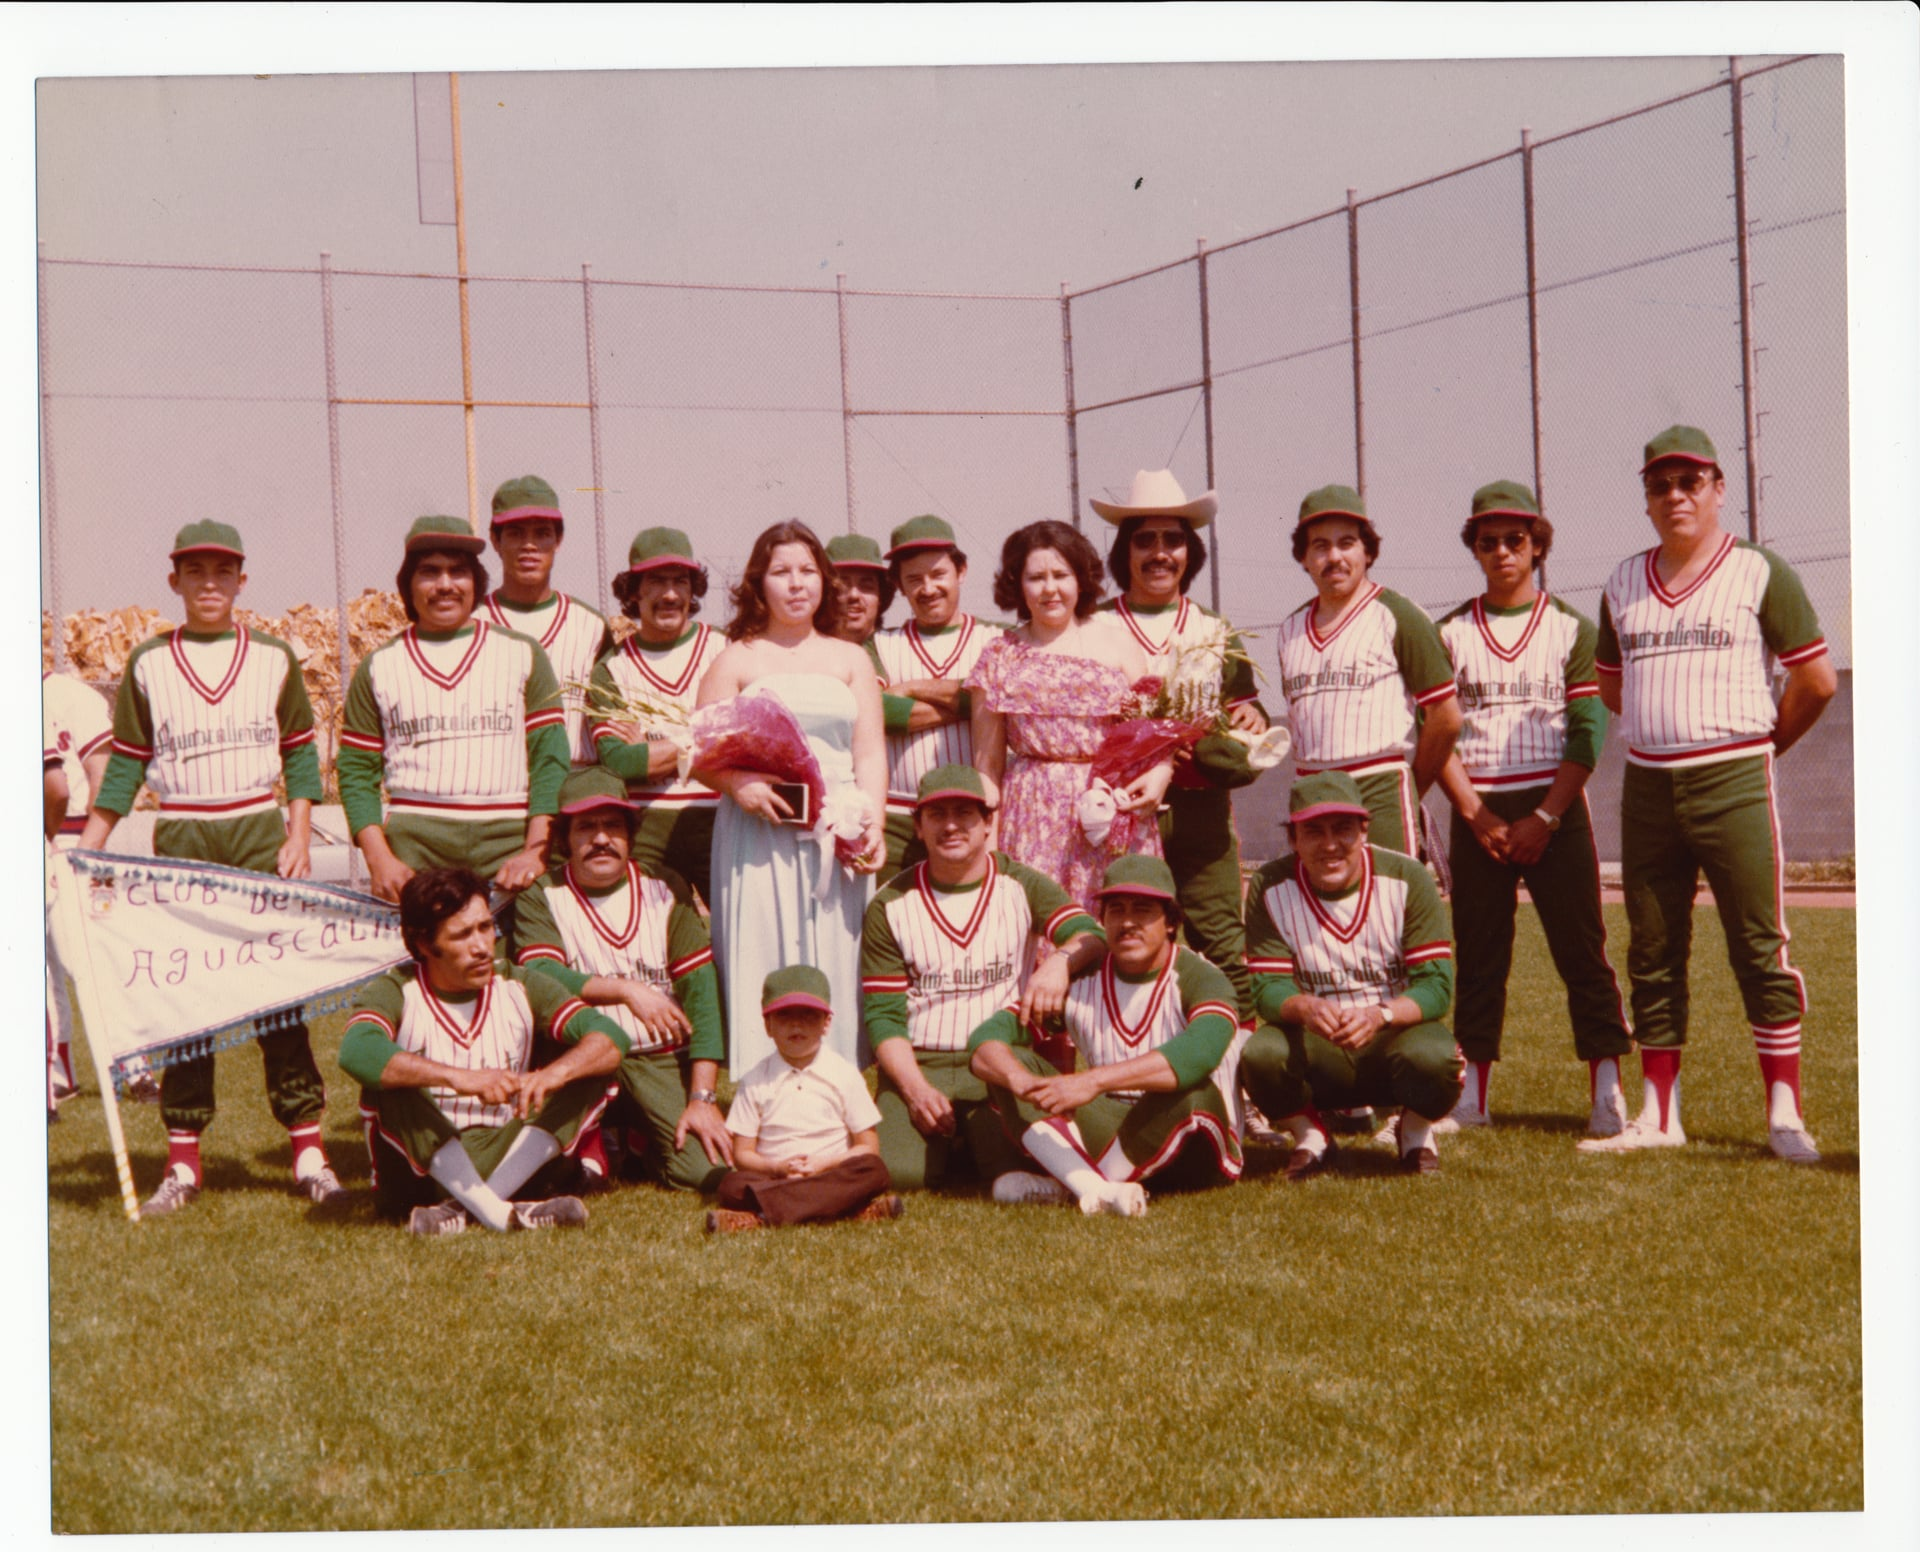 Hurtado Family -- Queen Carol Baseball